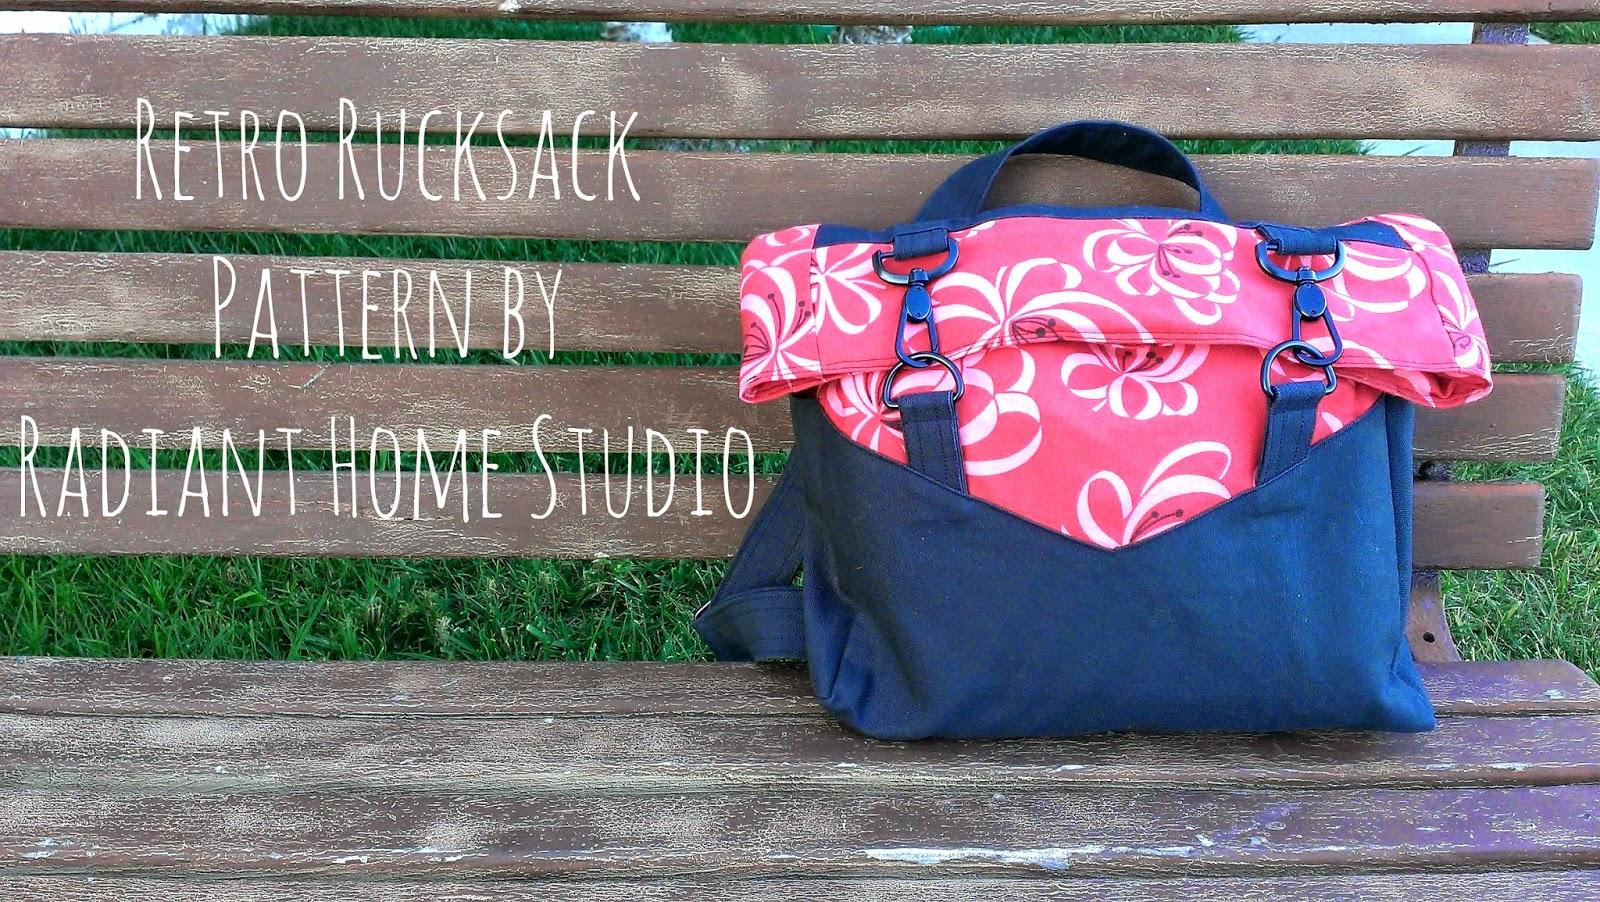 Retro Rucksack